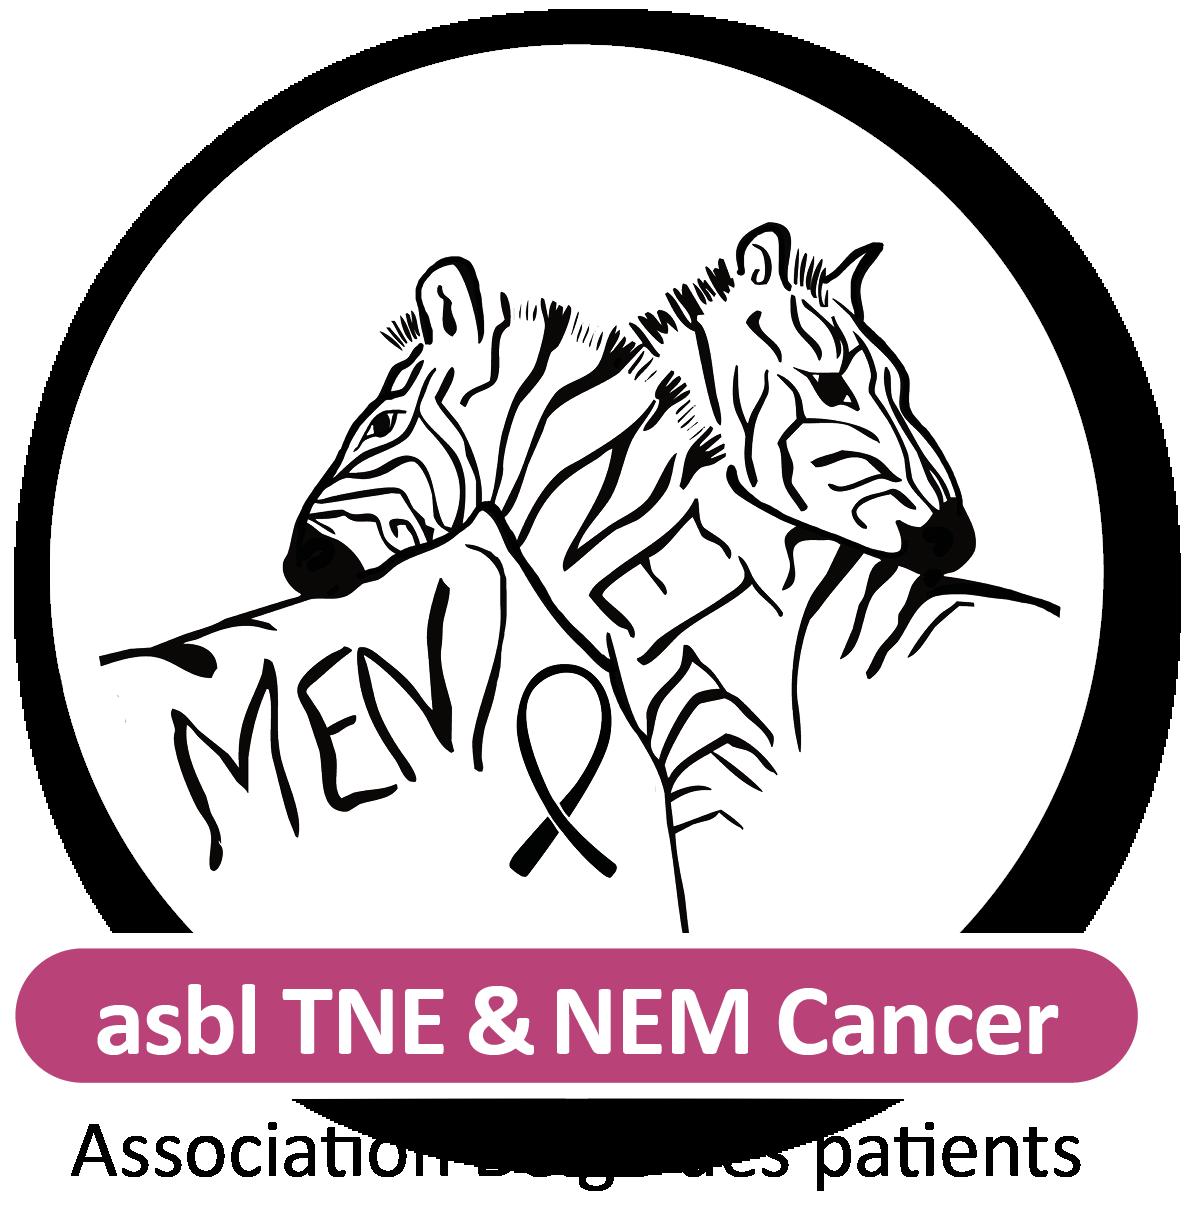 Signe asbl TNE & NEM Cancer